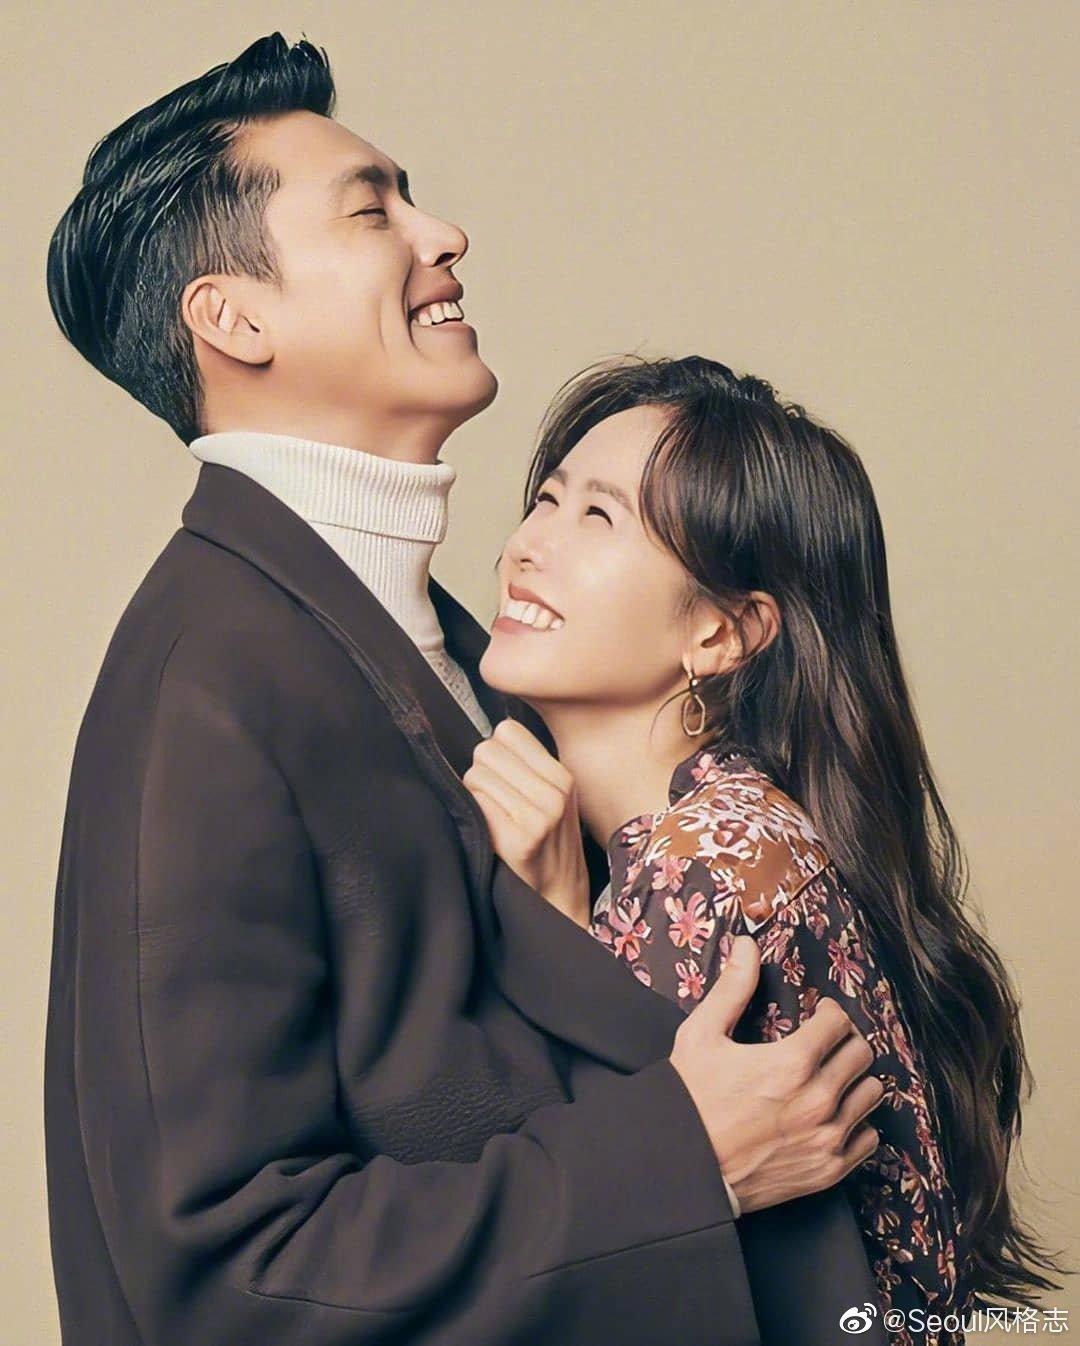 玄彬&孙艺珍为合作新剧《爱的迫降》拍摄宣传画报 剧里讲述了